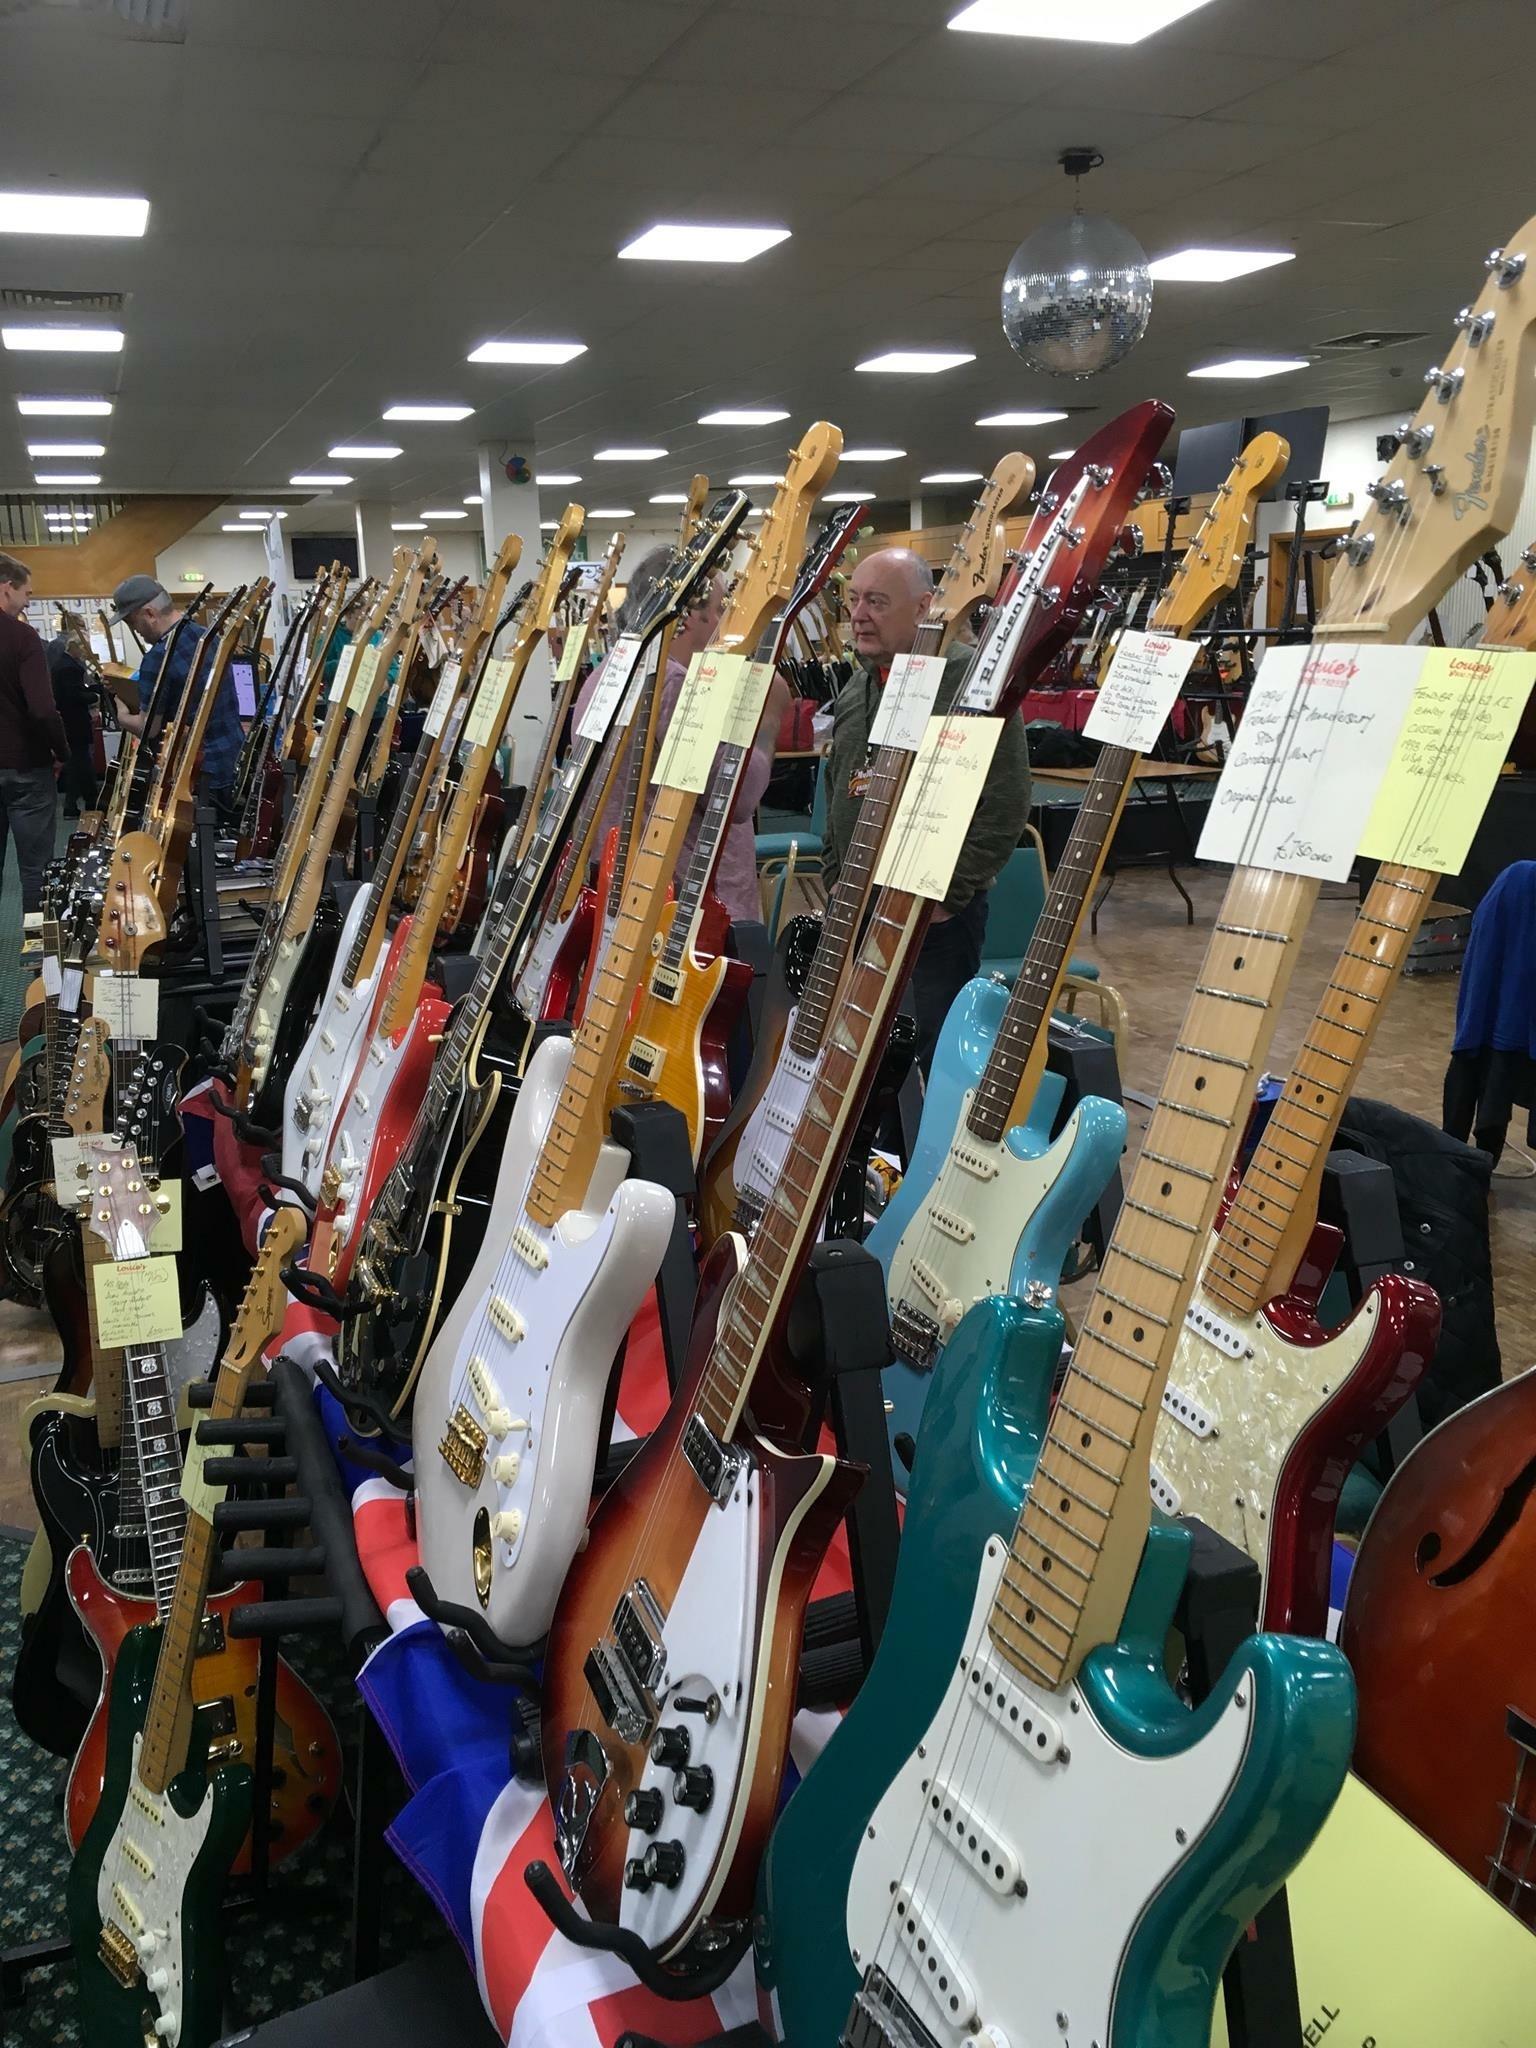 The Northampton Guitar Show 2018